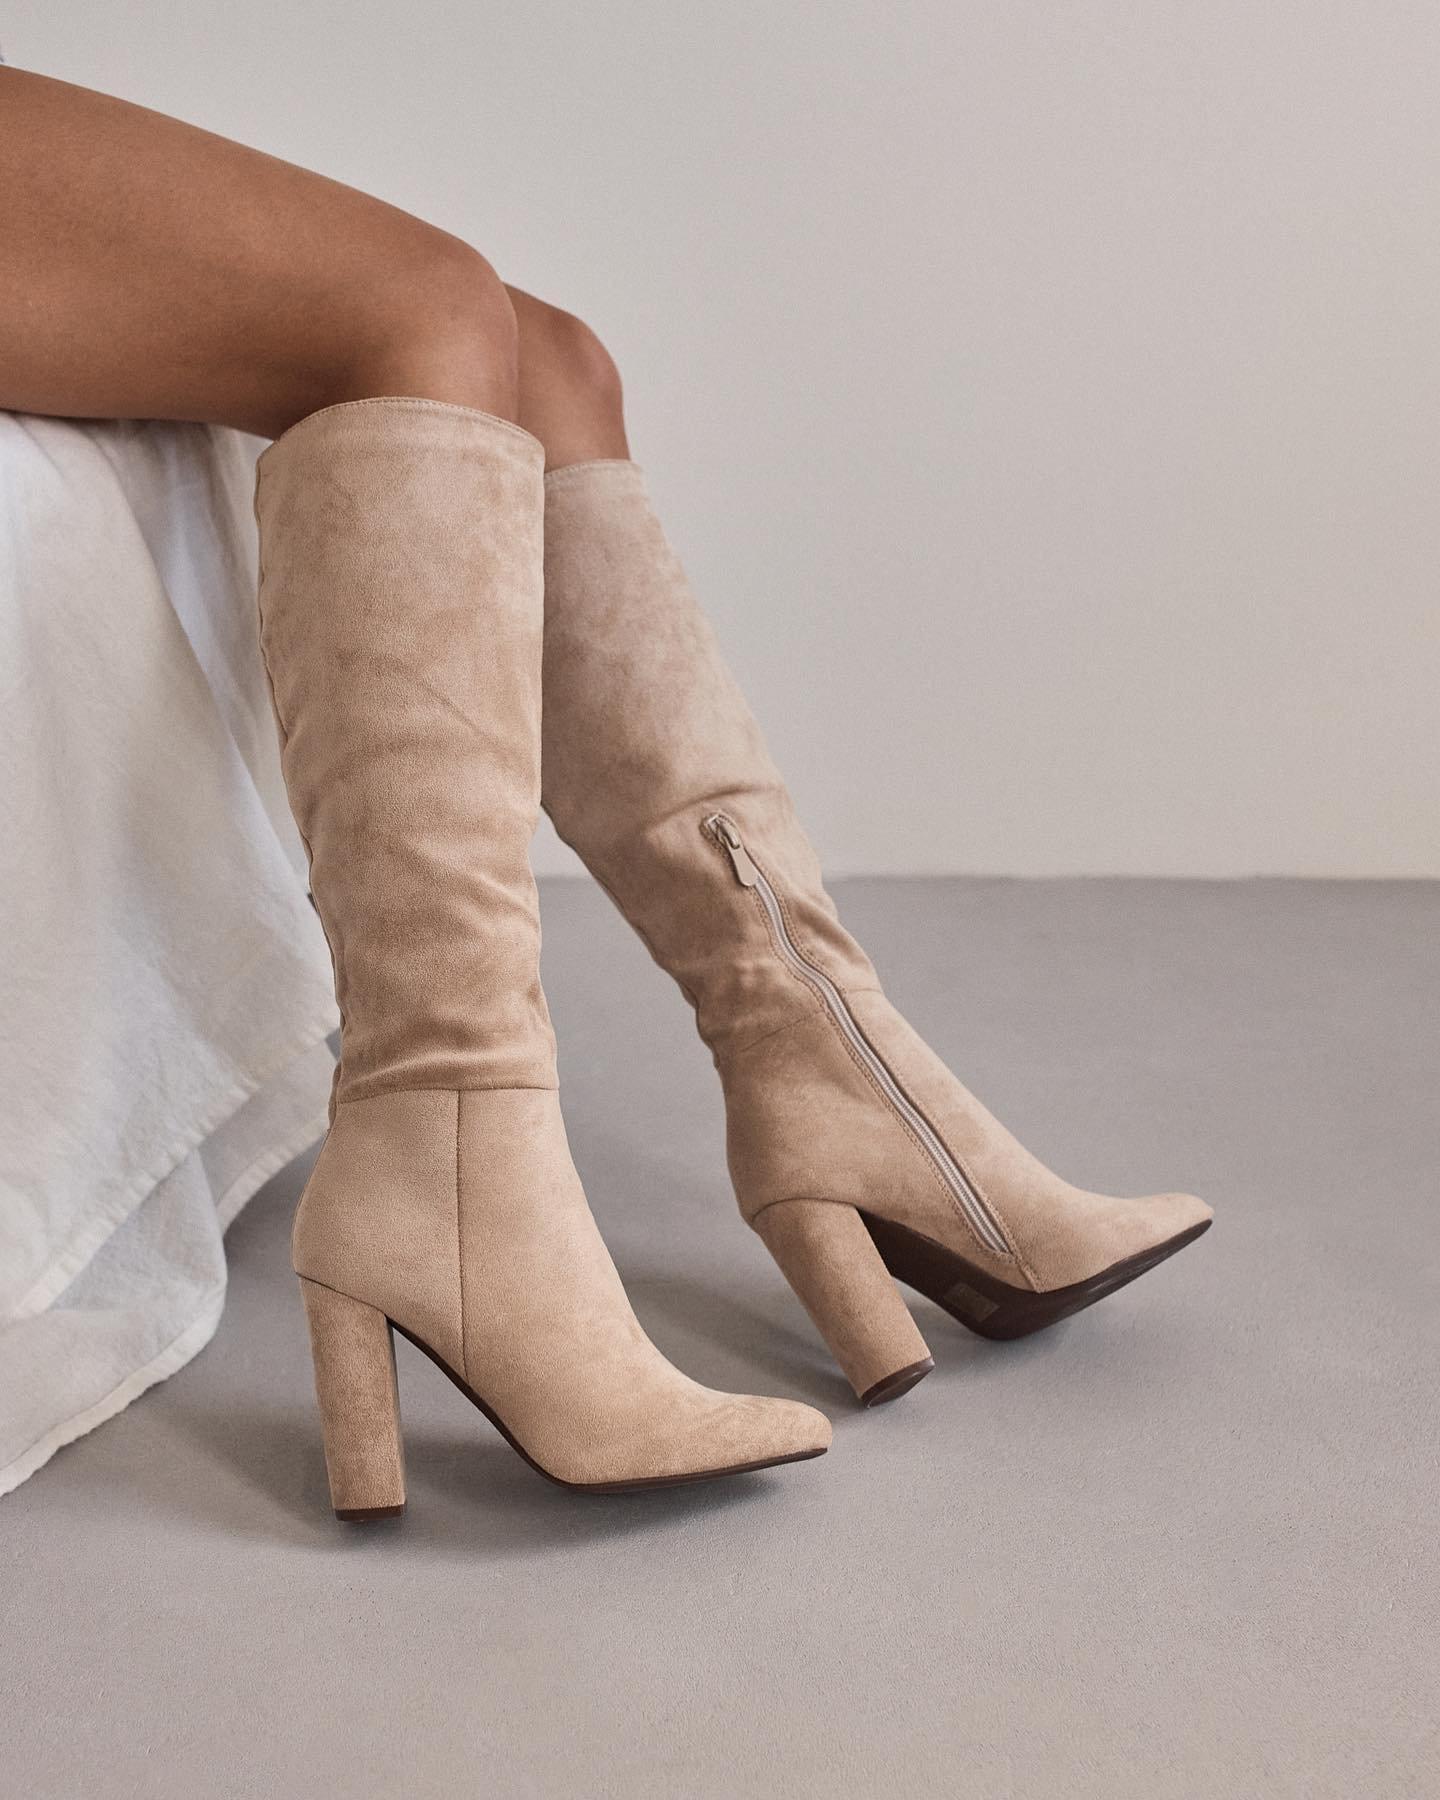 Ak ešte stále premýšlaš nad tým 🤷🏻♀️ akú obuv zaradiť do svojho zimného šatníka k elegantným outfitom, odporúčame ti naše čižmy Lima ❤️ Jemné štýlové čižmy, ktoré doplnia každý outfit a vieš ich kombinovať. Čo viac si priať. 😉